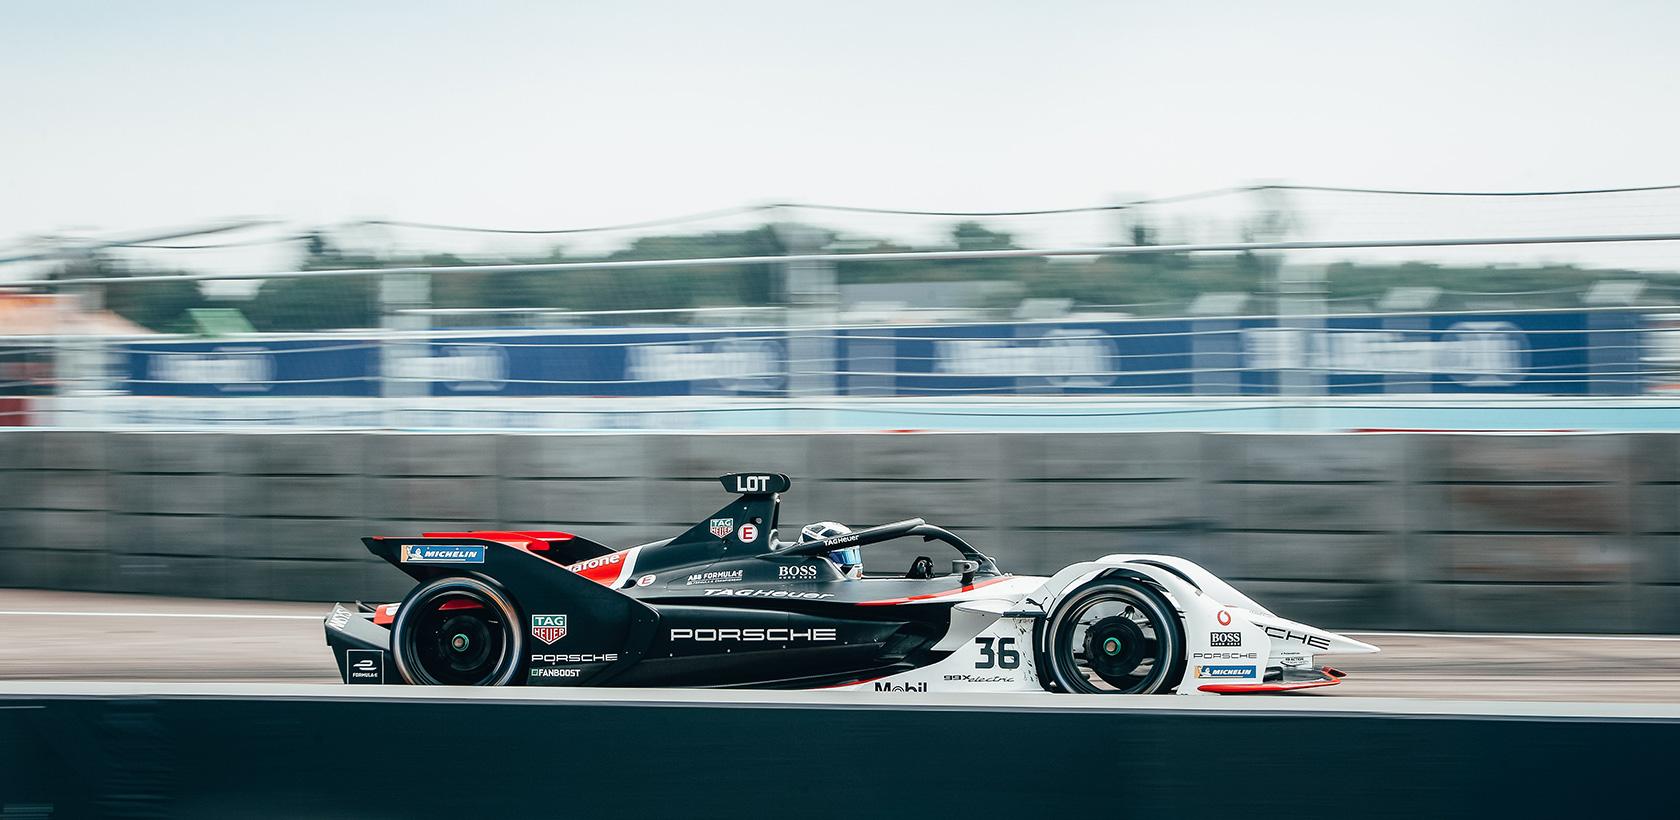 TAG Heuer Porsche FE, Porsche termine sa première saison parmi les meilleures nouvelles équipes de la compétition